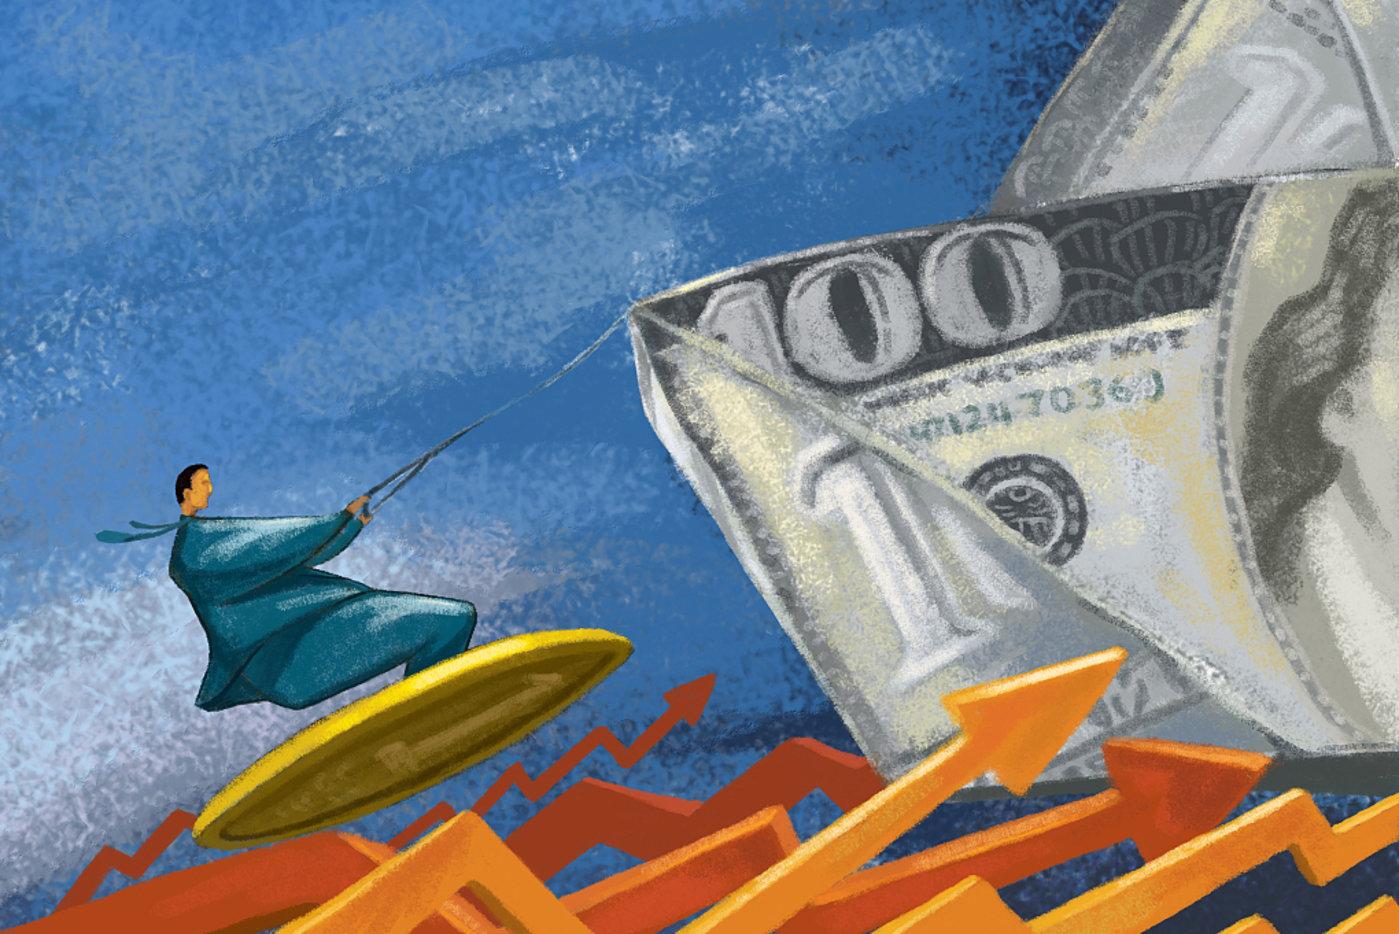 抛资产、频发债:新湖中宝求钱若渴200亿目标难完成